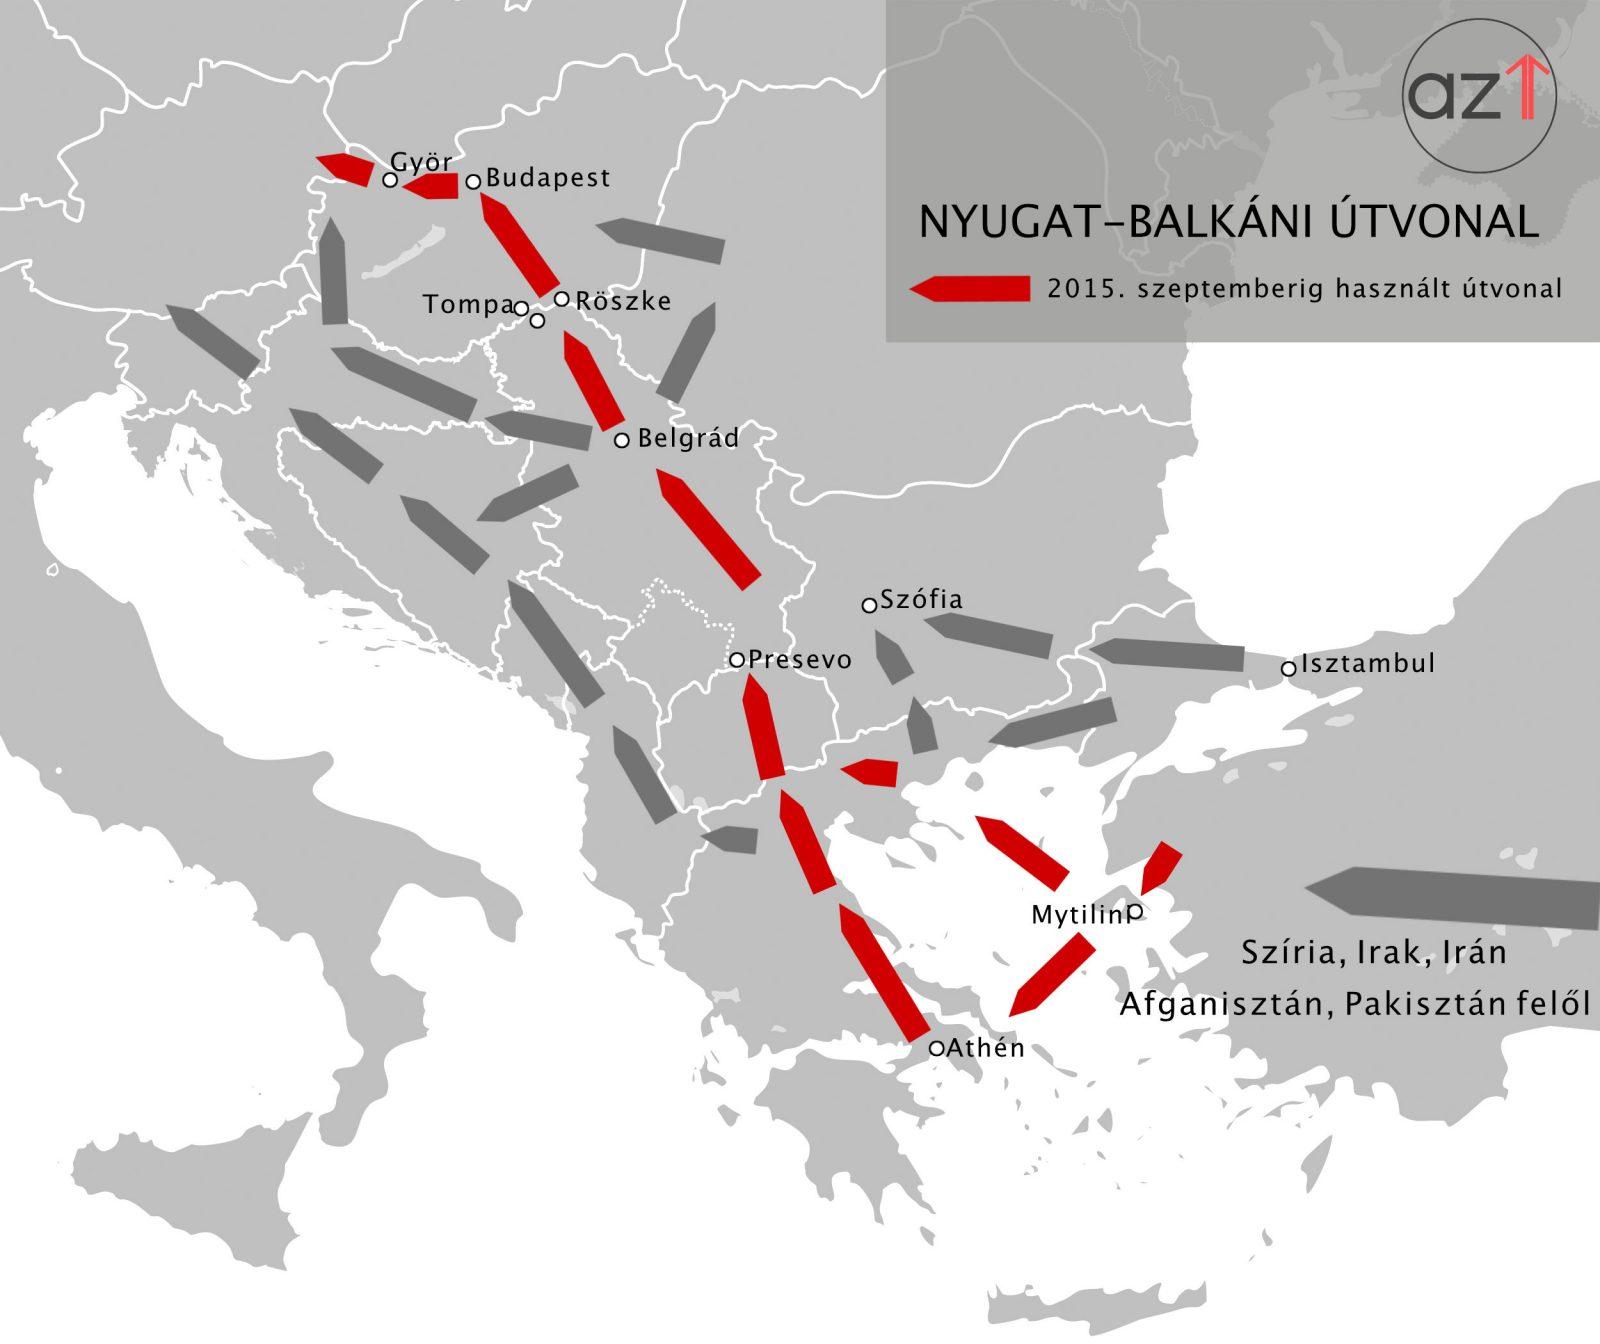 Hogyan érkeznek a menekültek Magyarországra?   AZ1.HU